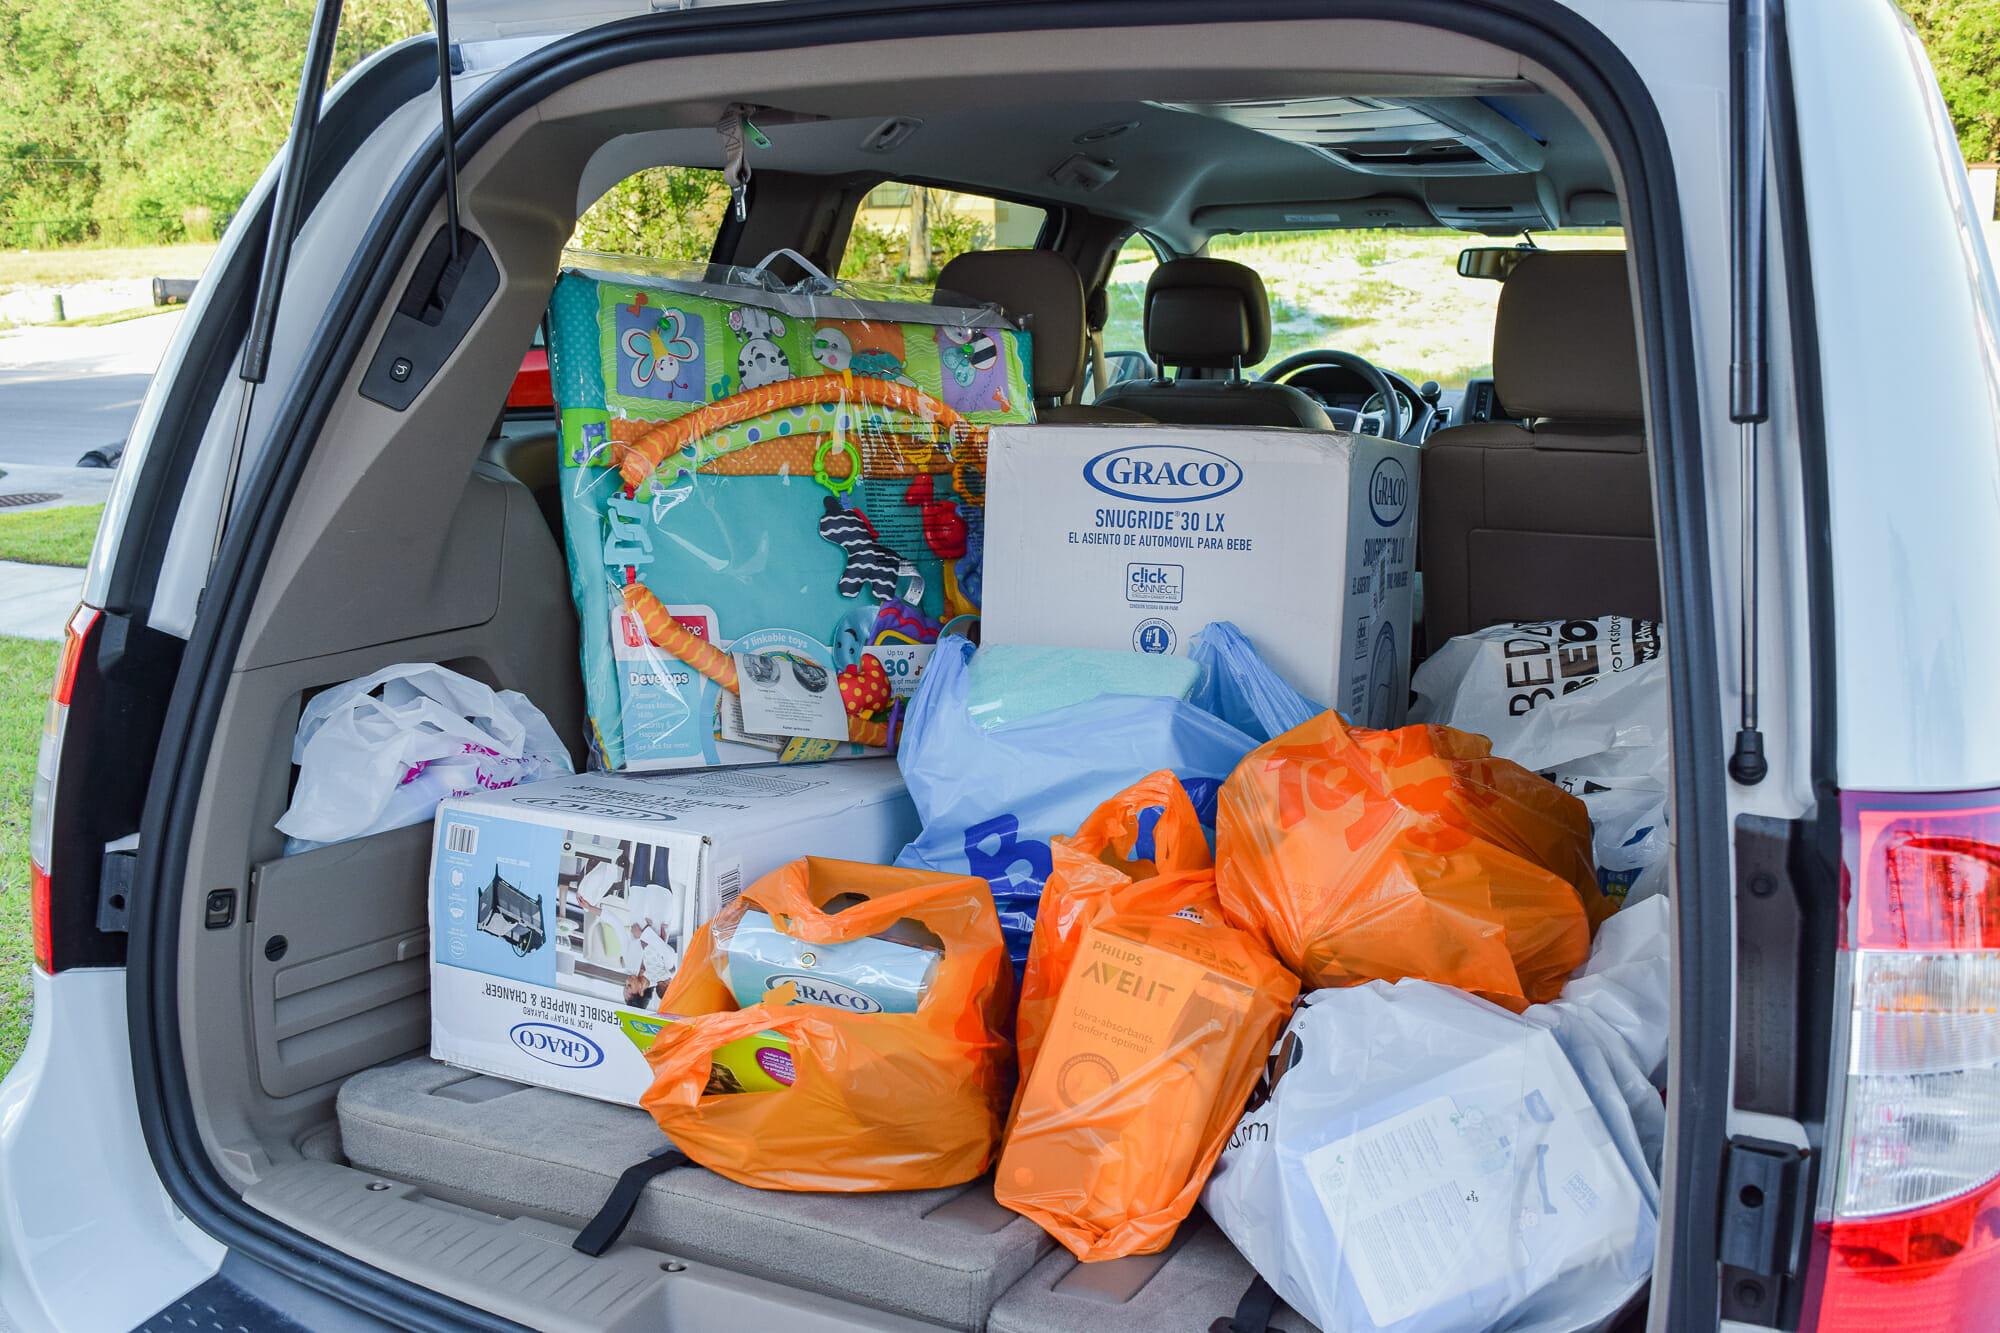 Foto de um porta-malas de carro cheio de sacolas de compras